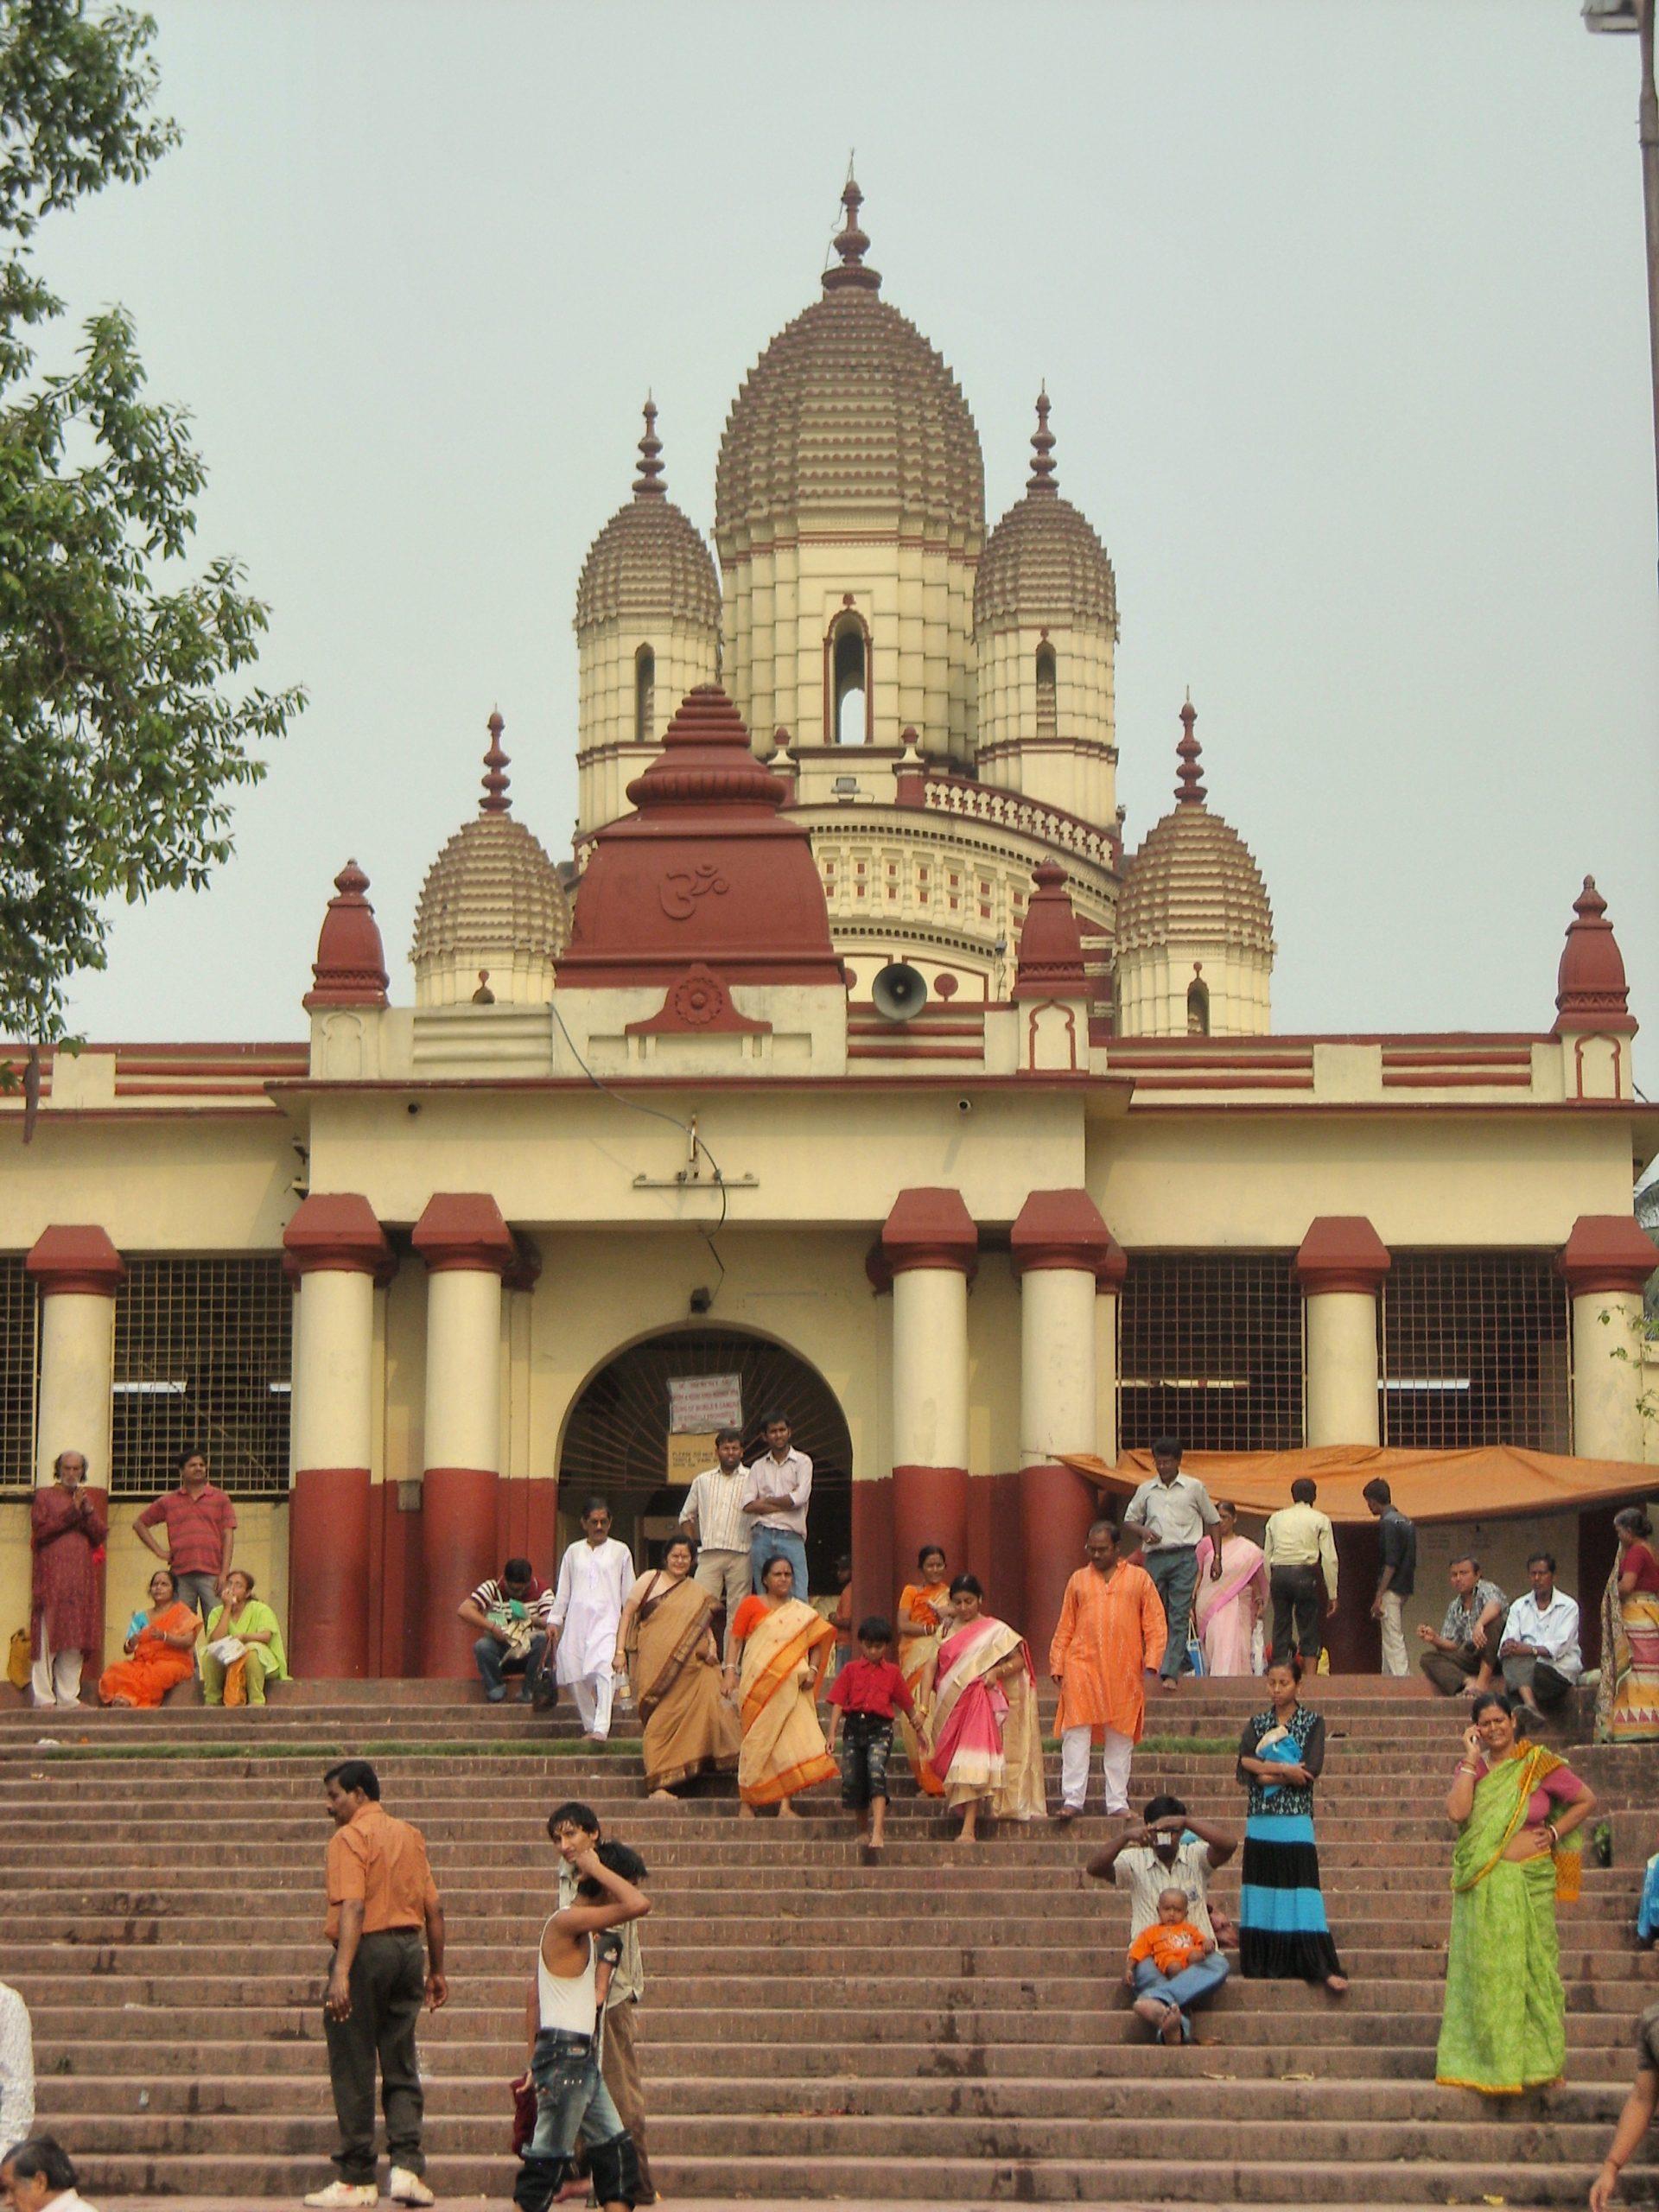 Temple In Kolkata